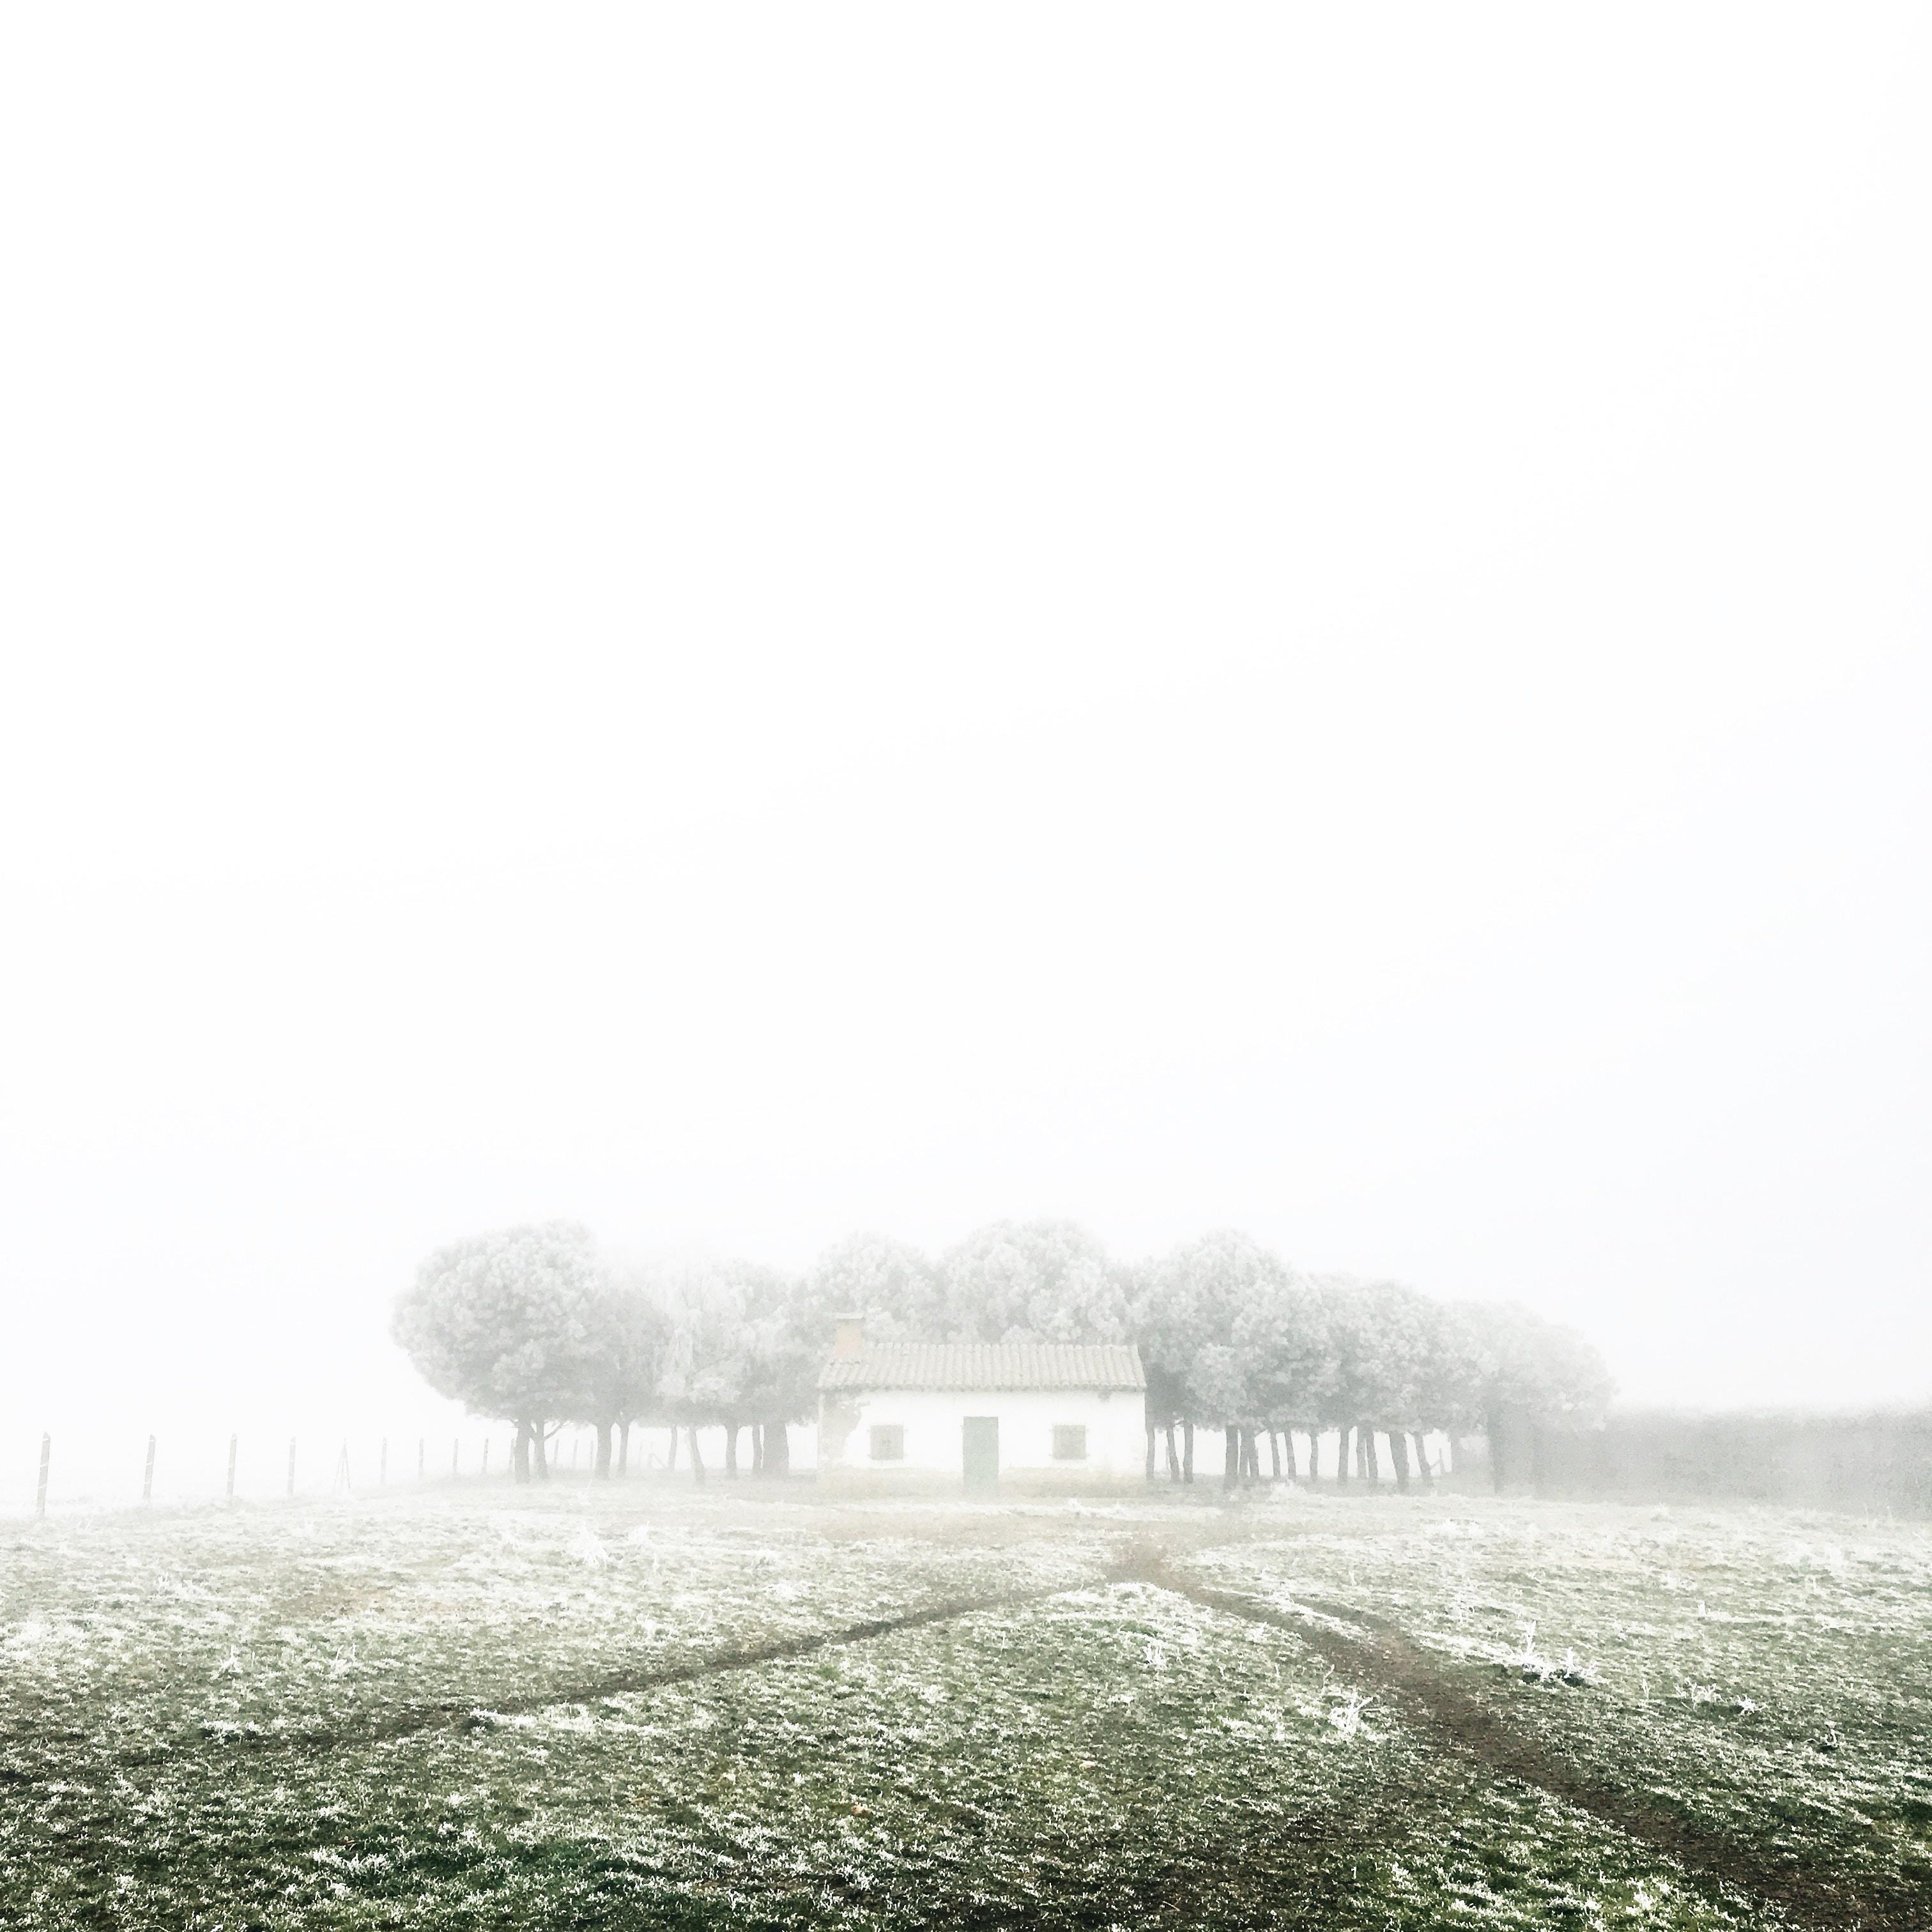 Quaint cabin in a frosty field on a foggy morning in Spain